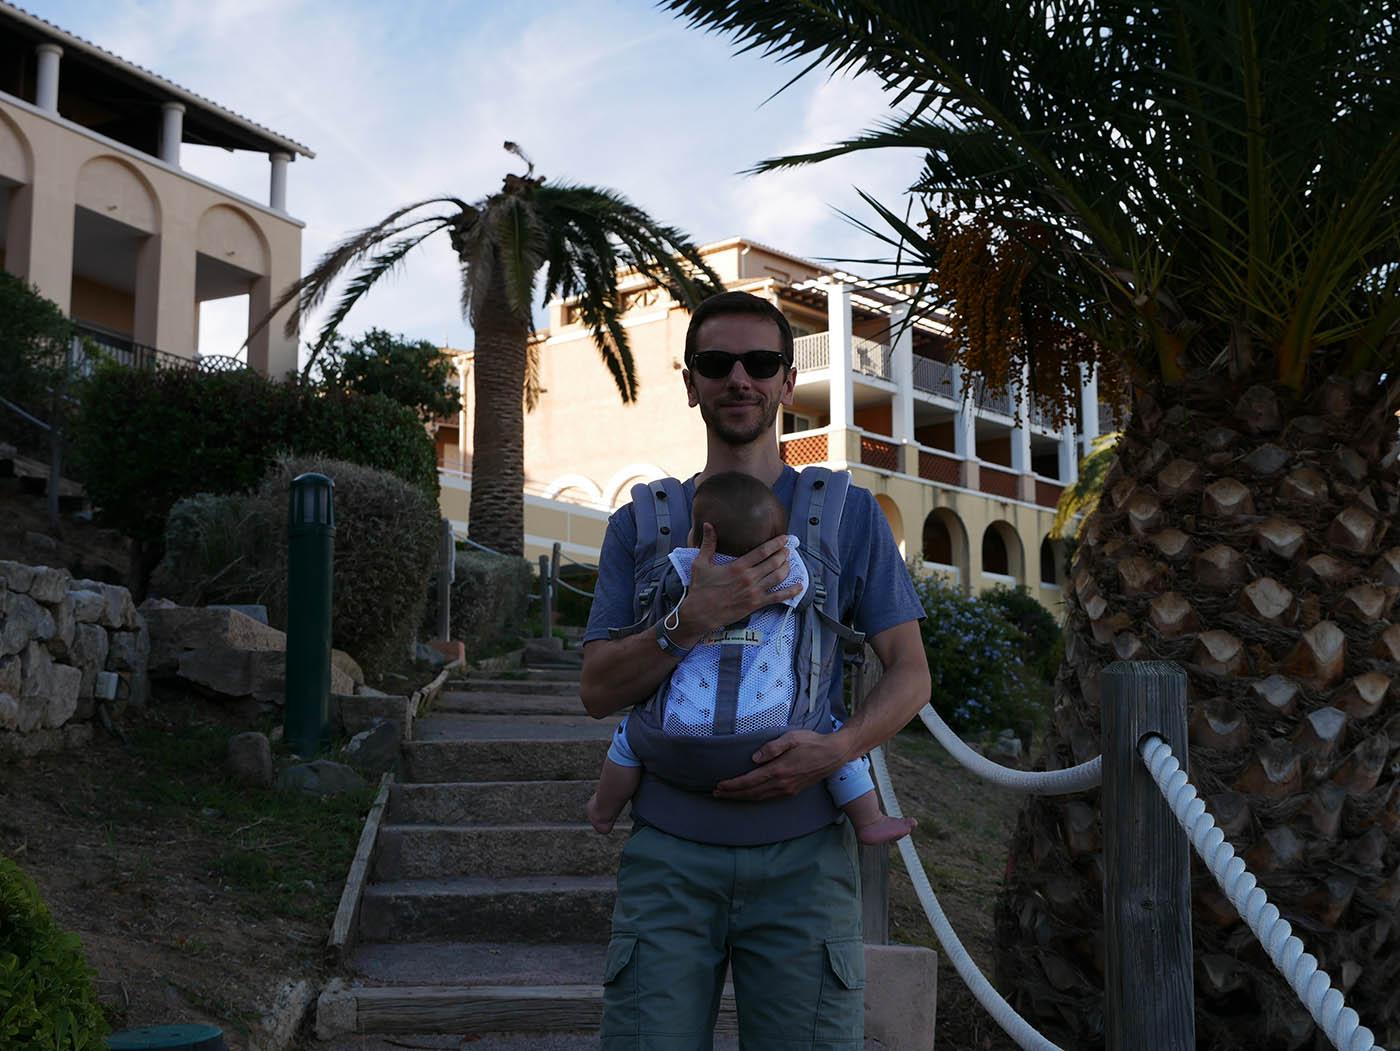 comment ça se passe une location Pierre & Vacances avec bébé ? Que contient le kit bébé ?